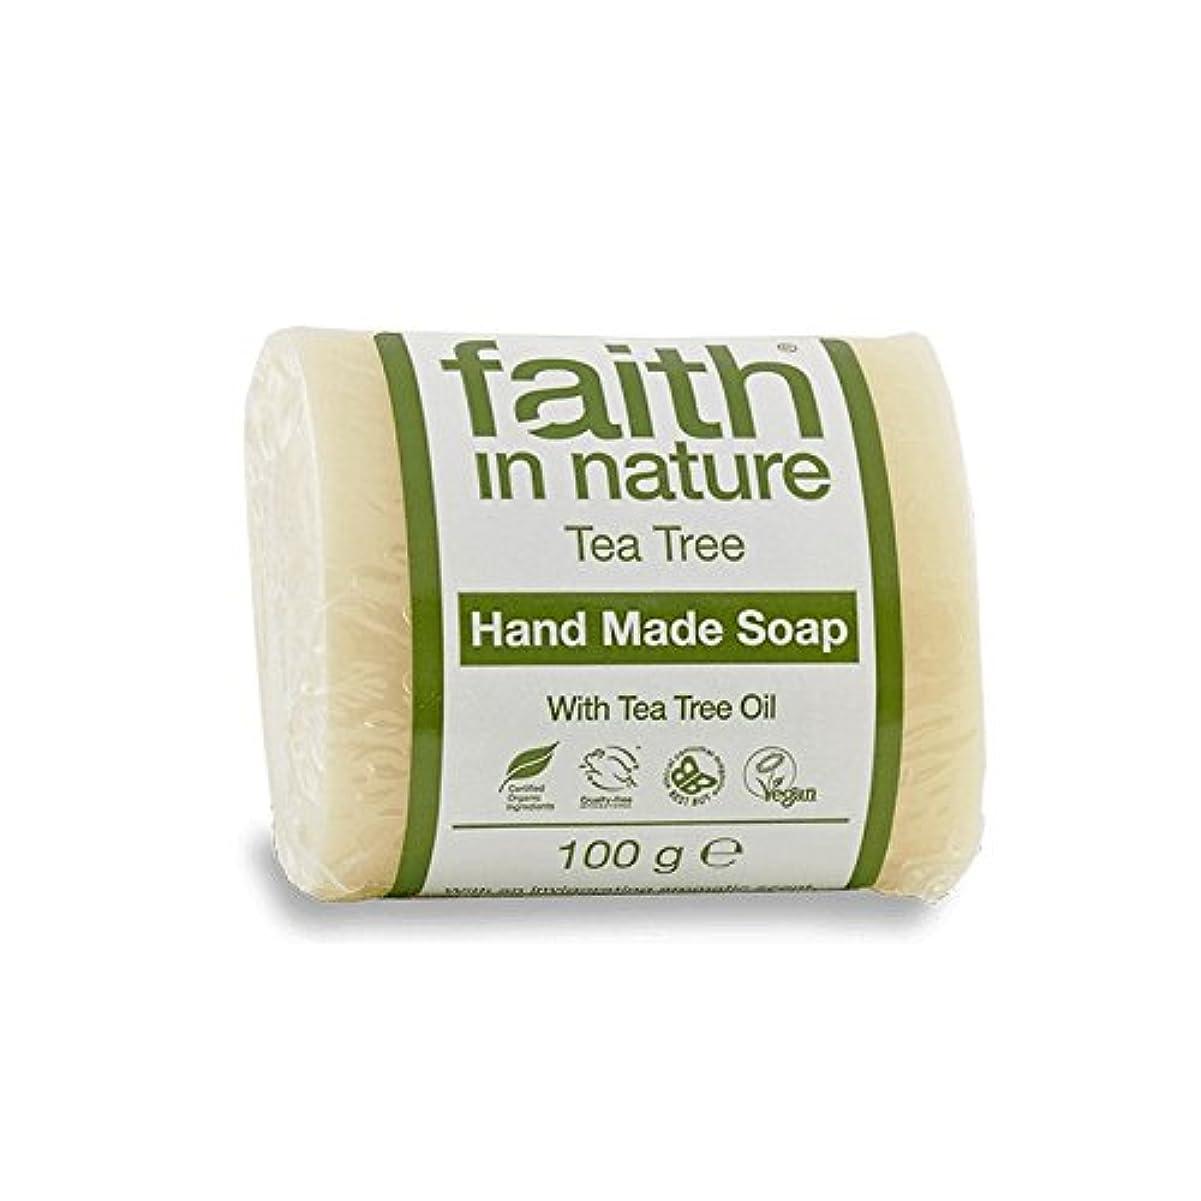 自然のティーツリーソープ100グラムの信仰 - Faith in Nature Tea Tree Soap 100g (Faith in Nature) [並行輸入品]